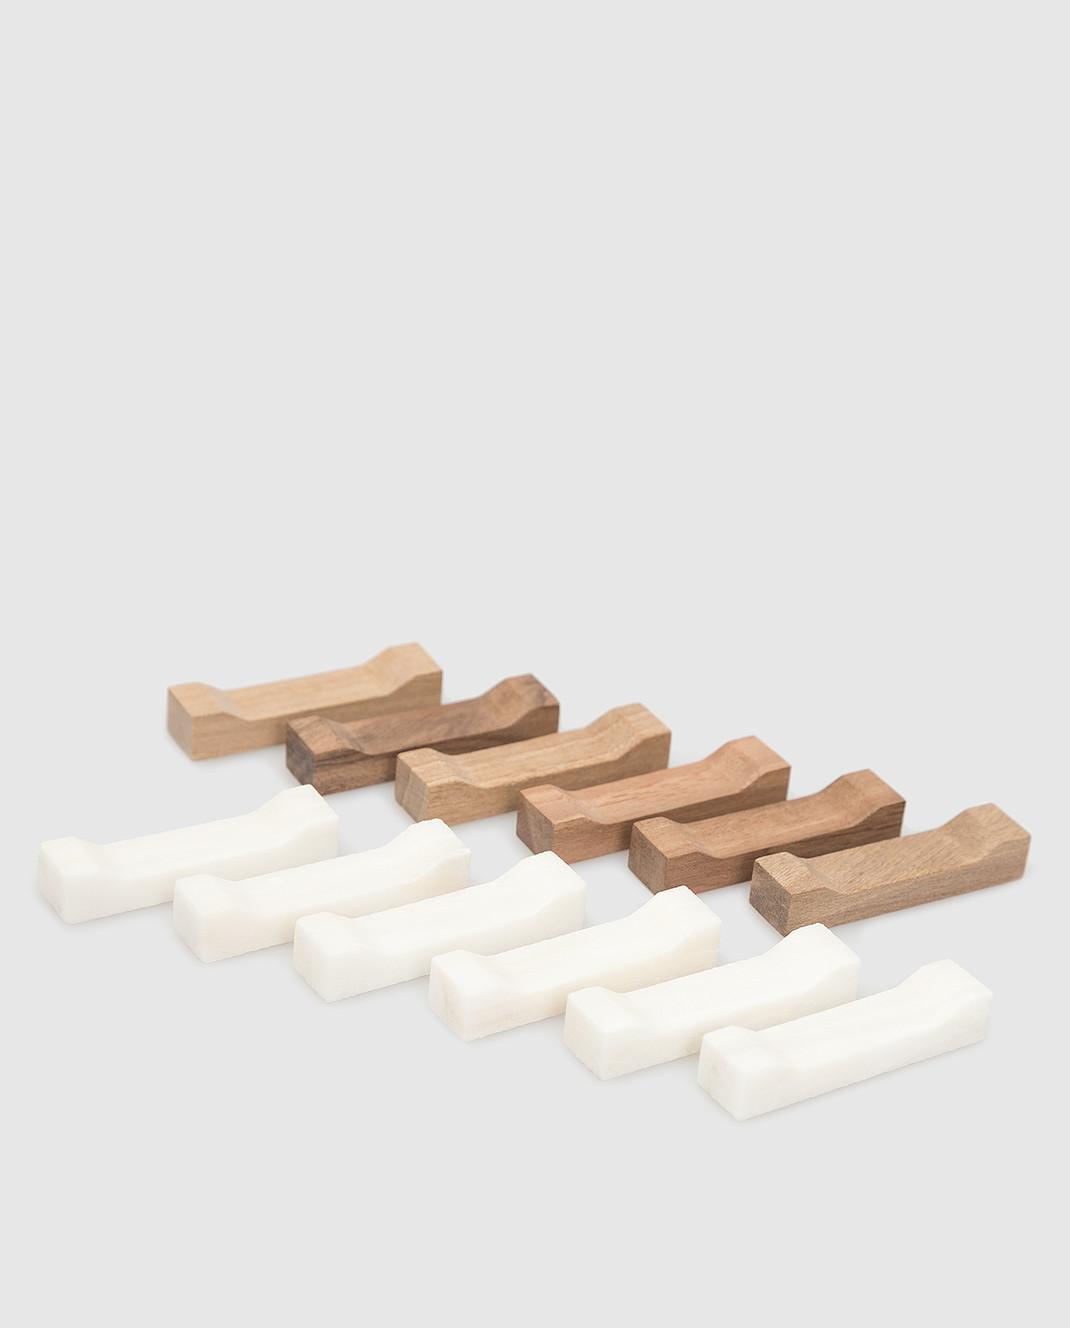 Brunello Cucinelli Подставка для столовых приборов MLTABL0020 изображение 2